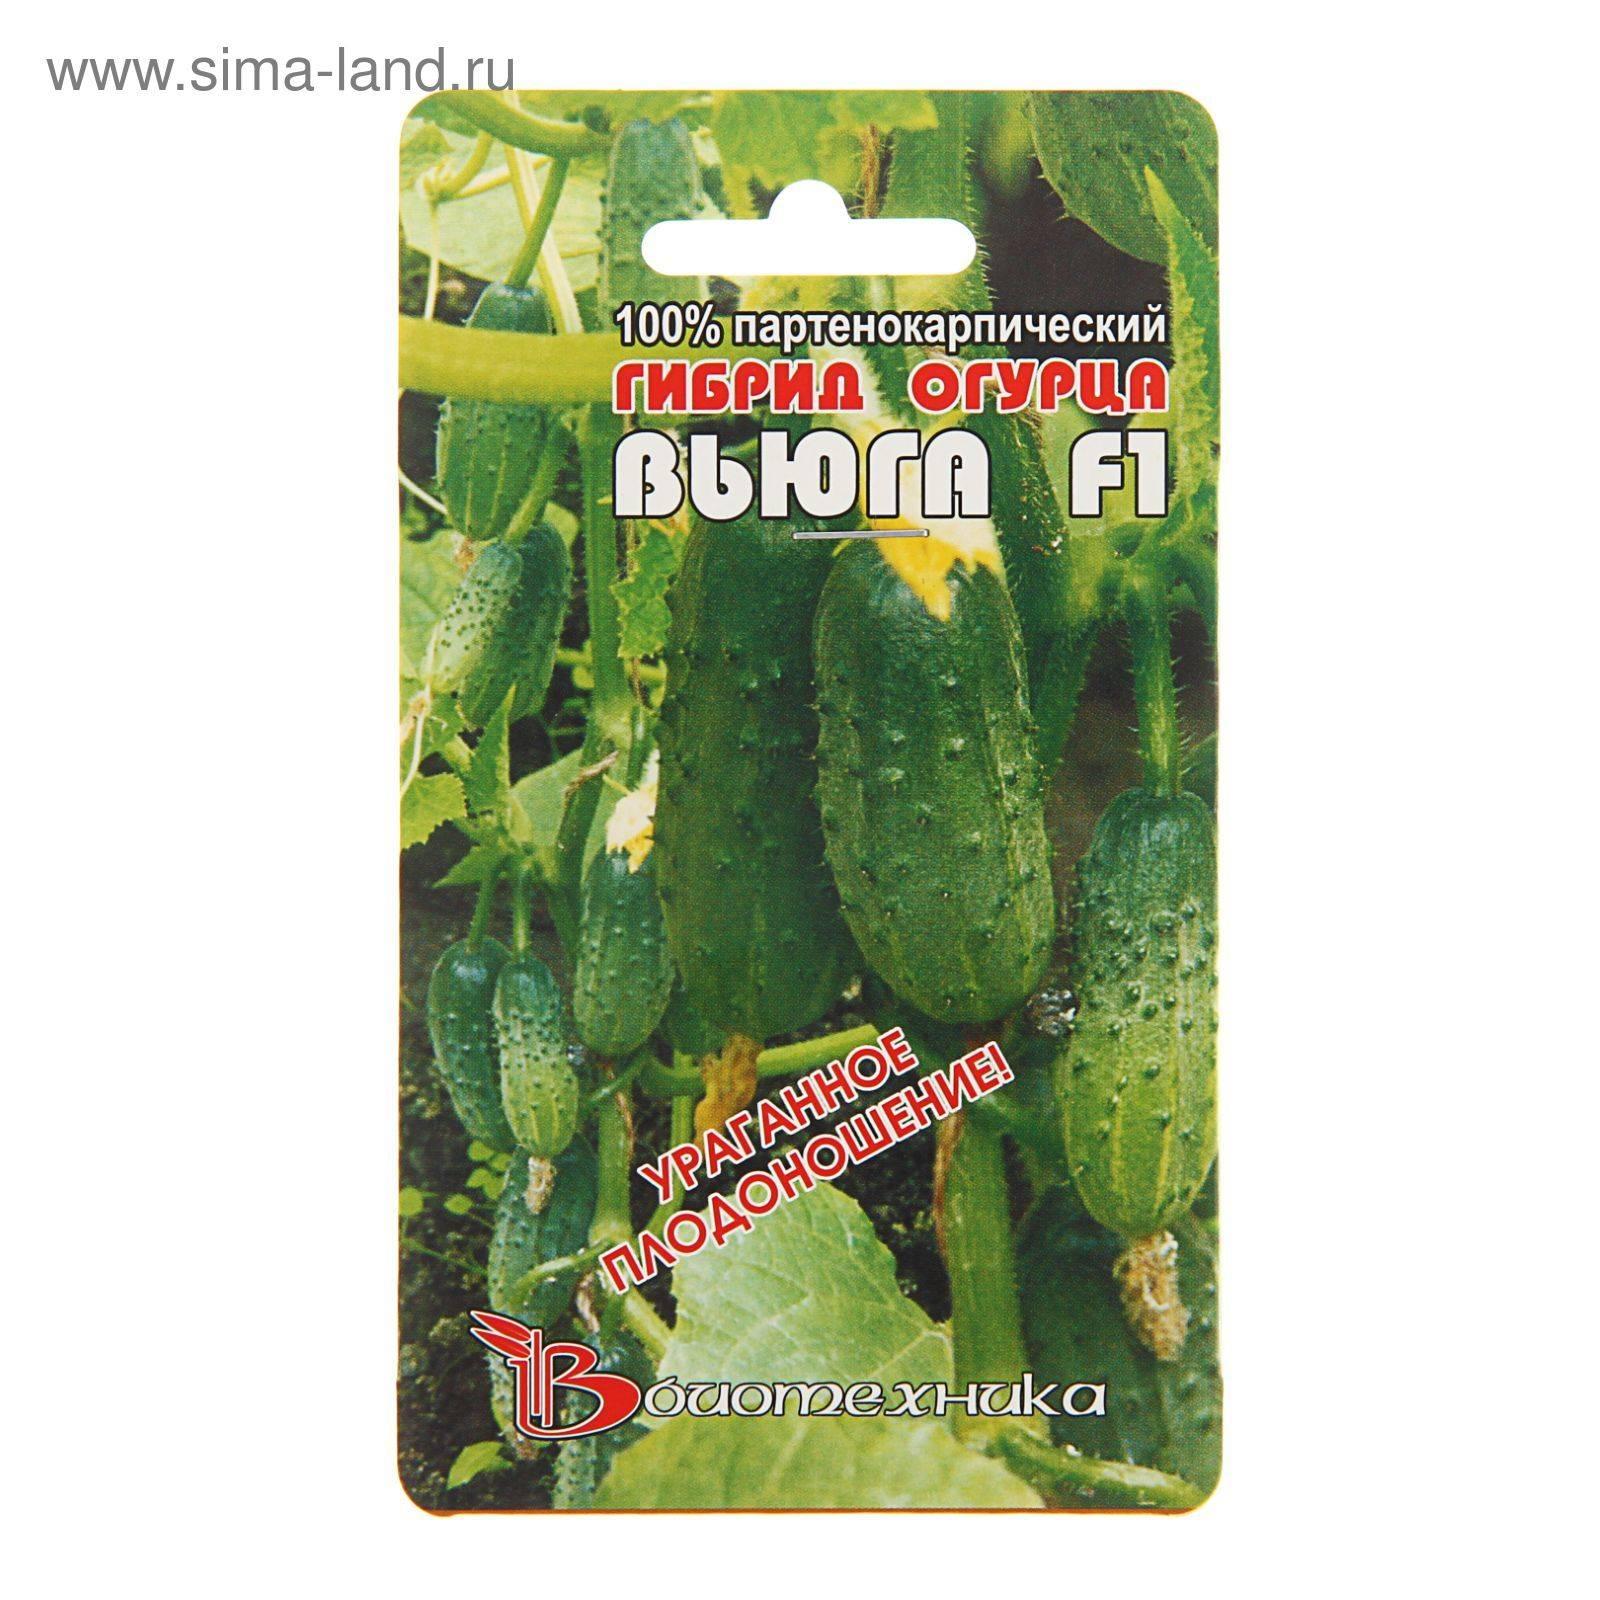 Огурец вьюга: описание и характеристика сорта, урожайность с фото